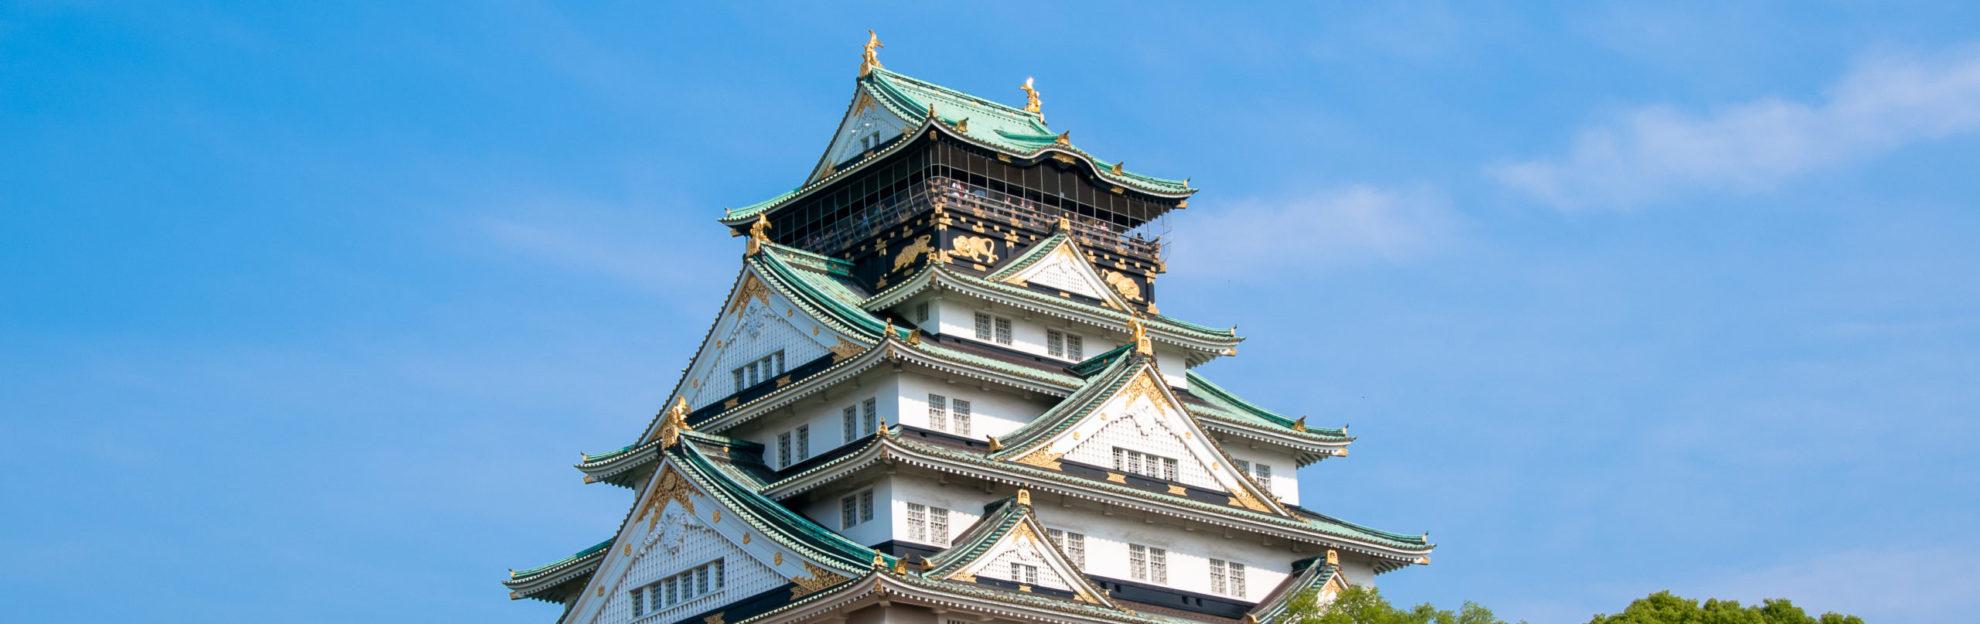 石川道具市場 2021年5月3日 休市です。